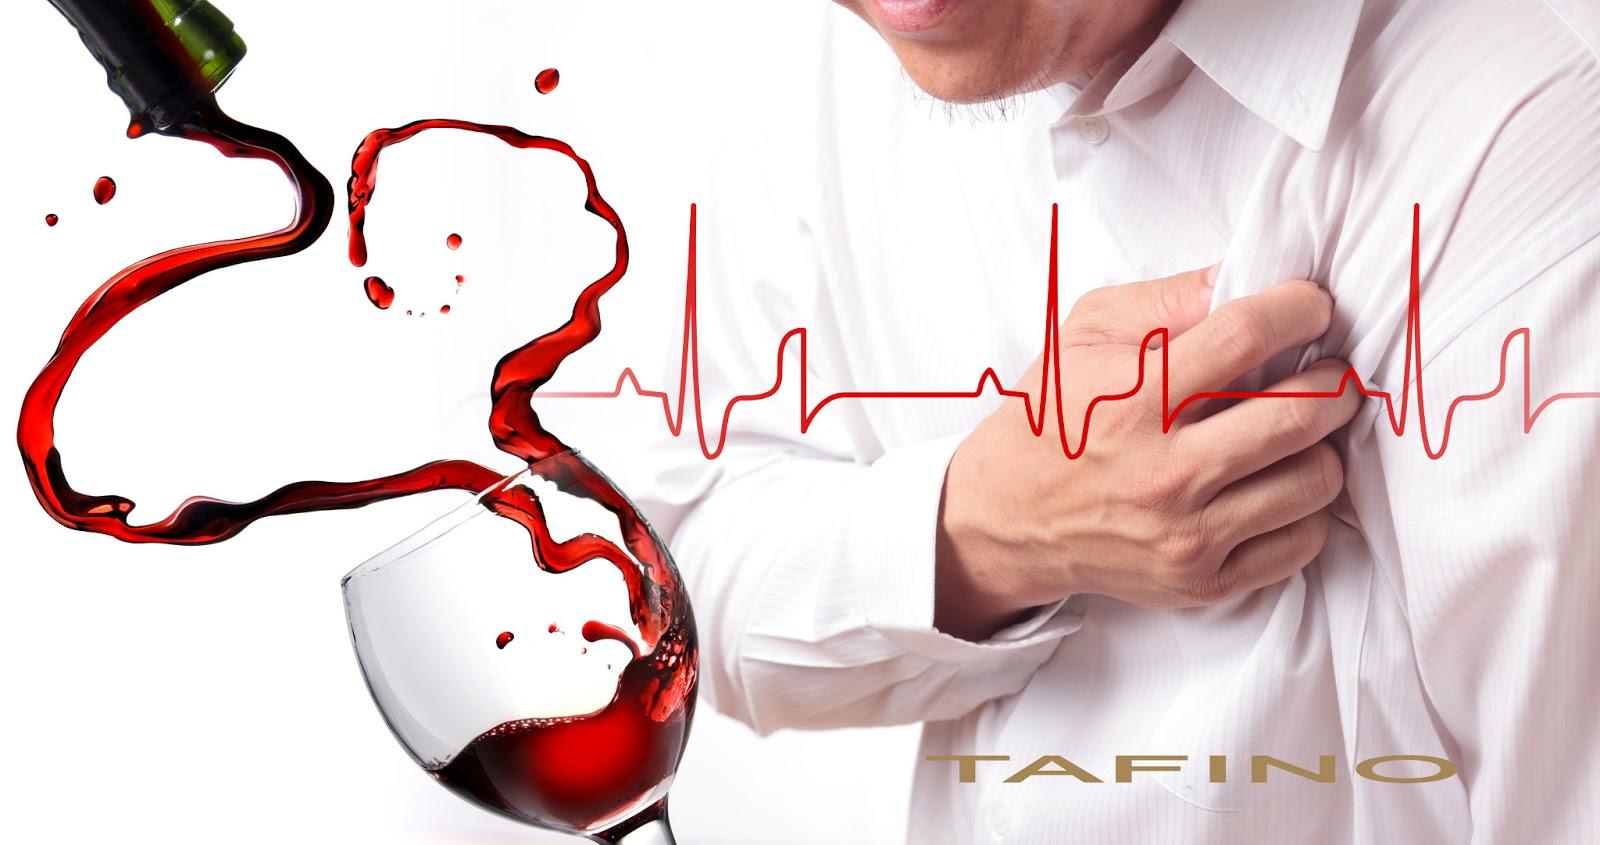 Jenis-Penyakit-Jantung-Bawaan-yang-Perlu-Diwaspadai